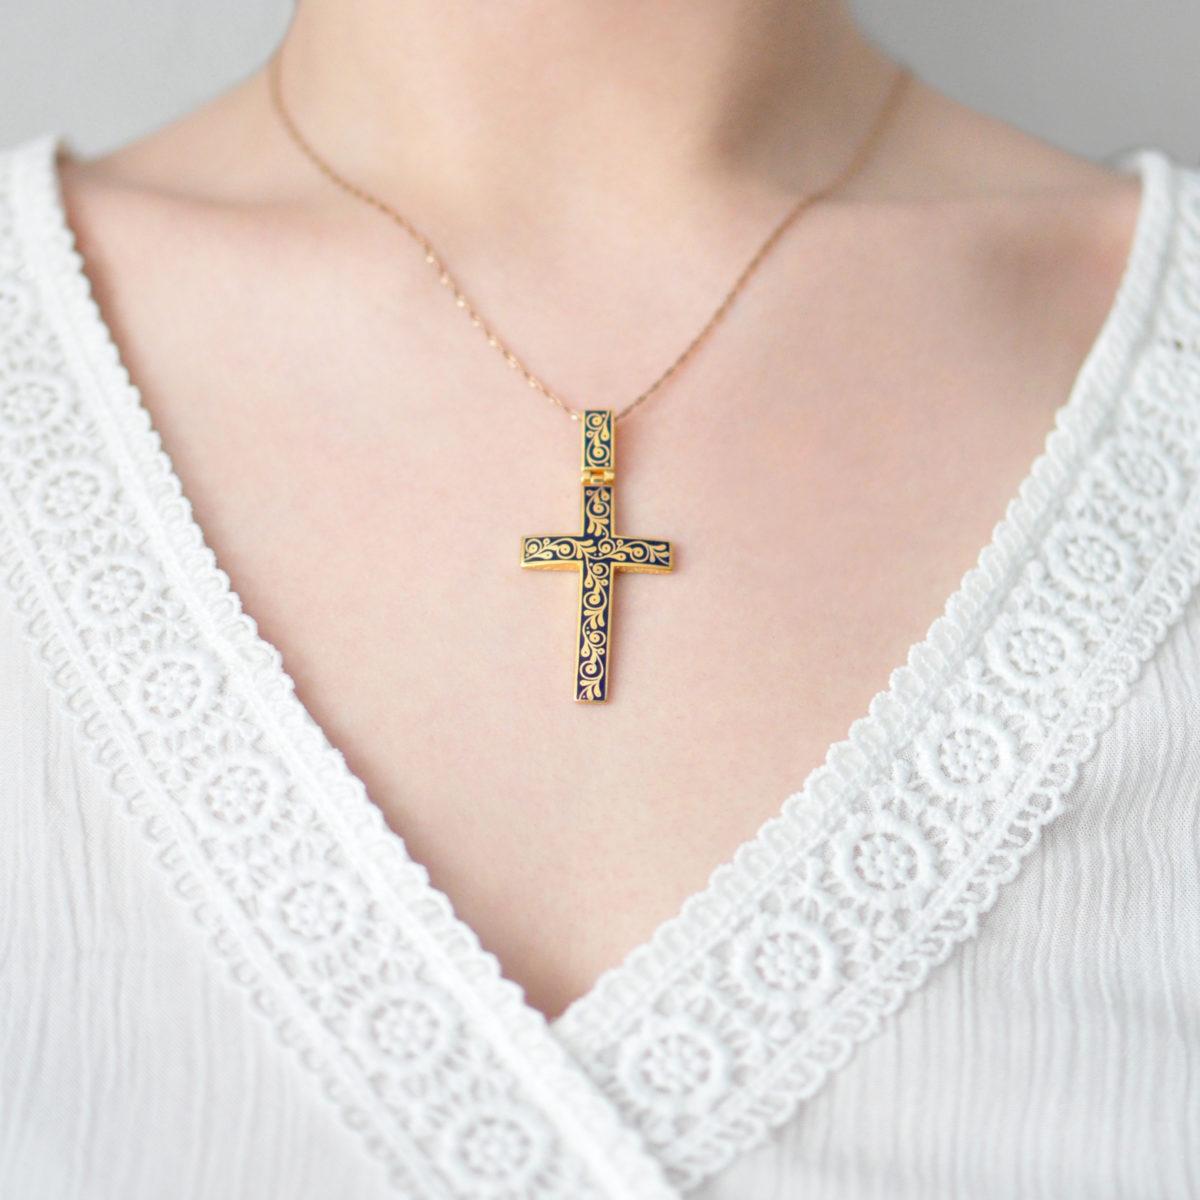 Zolochenie sinyaya 1 1200x1200 - Нательный крест «Спас на крови» (золочение), синий